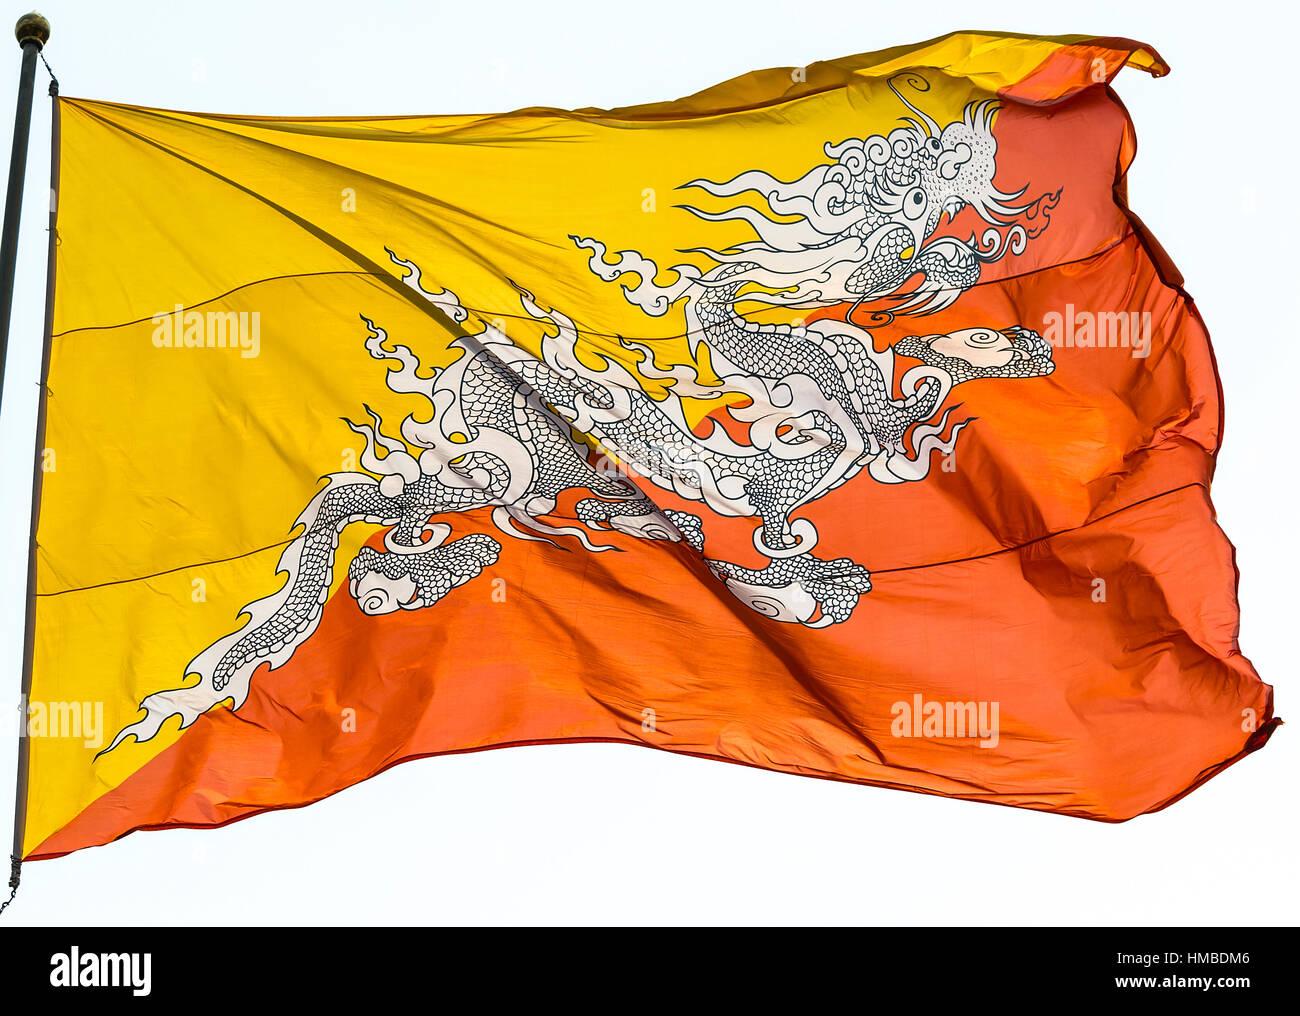 Bhutan National Flag Stock Photos Bhutan National Flag Stock